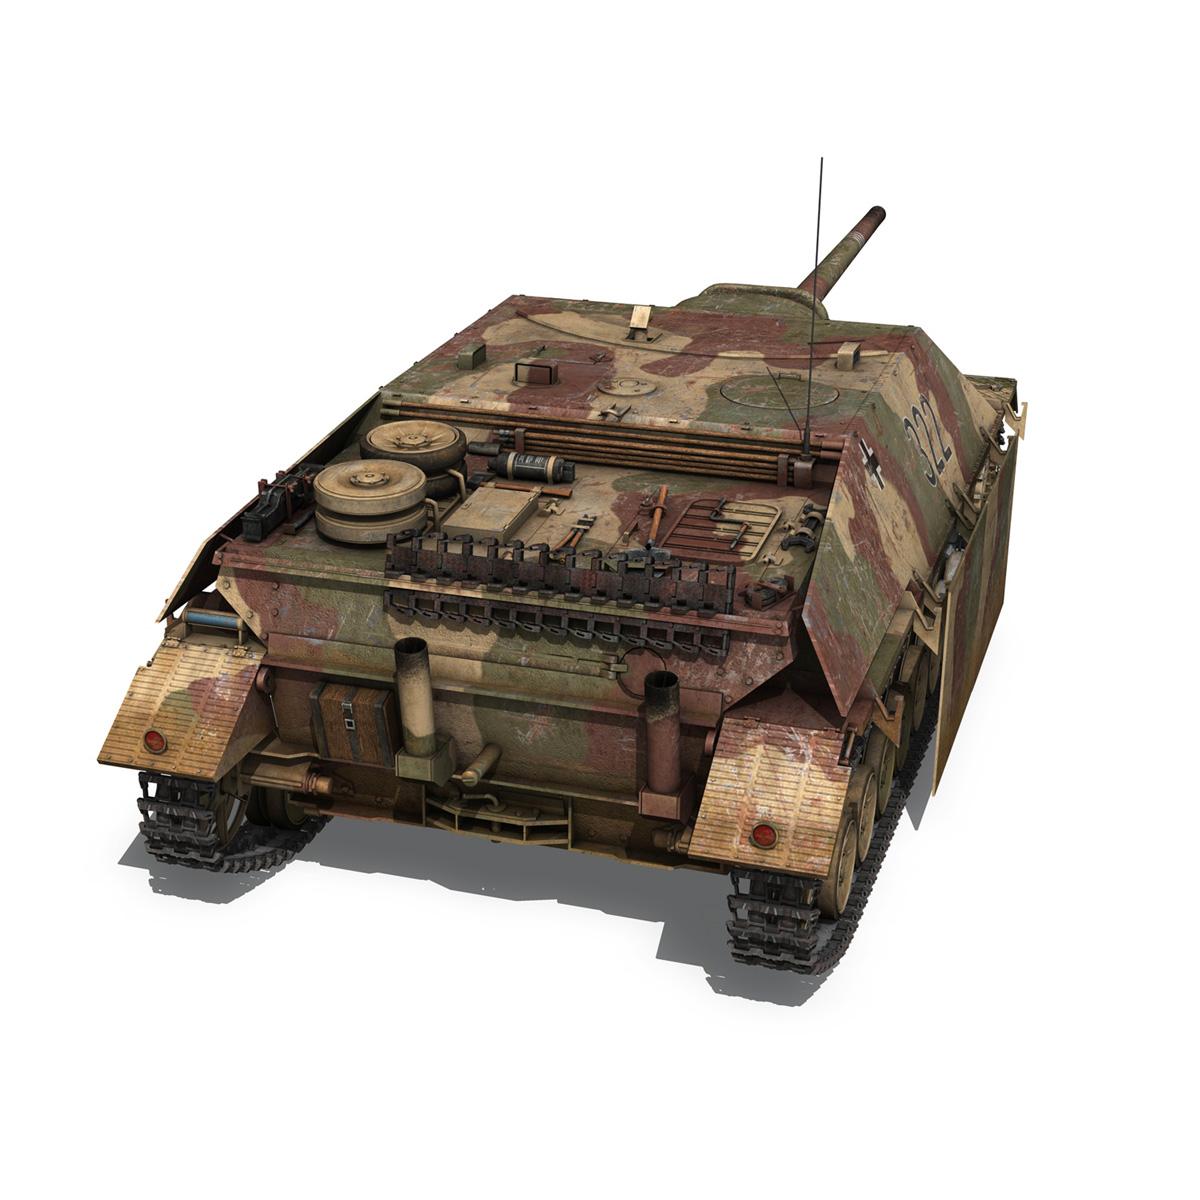 jagdpanzer iv l/70 (v) – 322 – late production 3d model 3ds fbx c4d lwo obj 280415